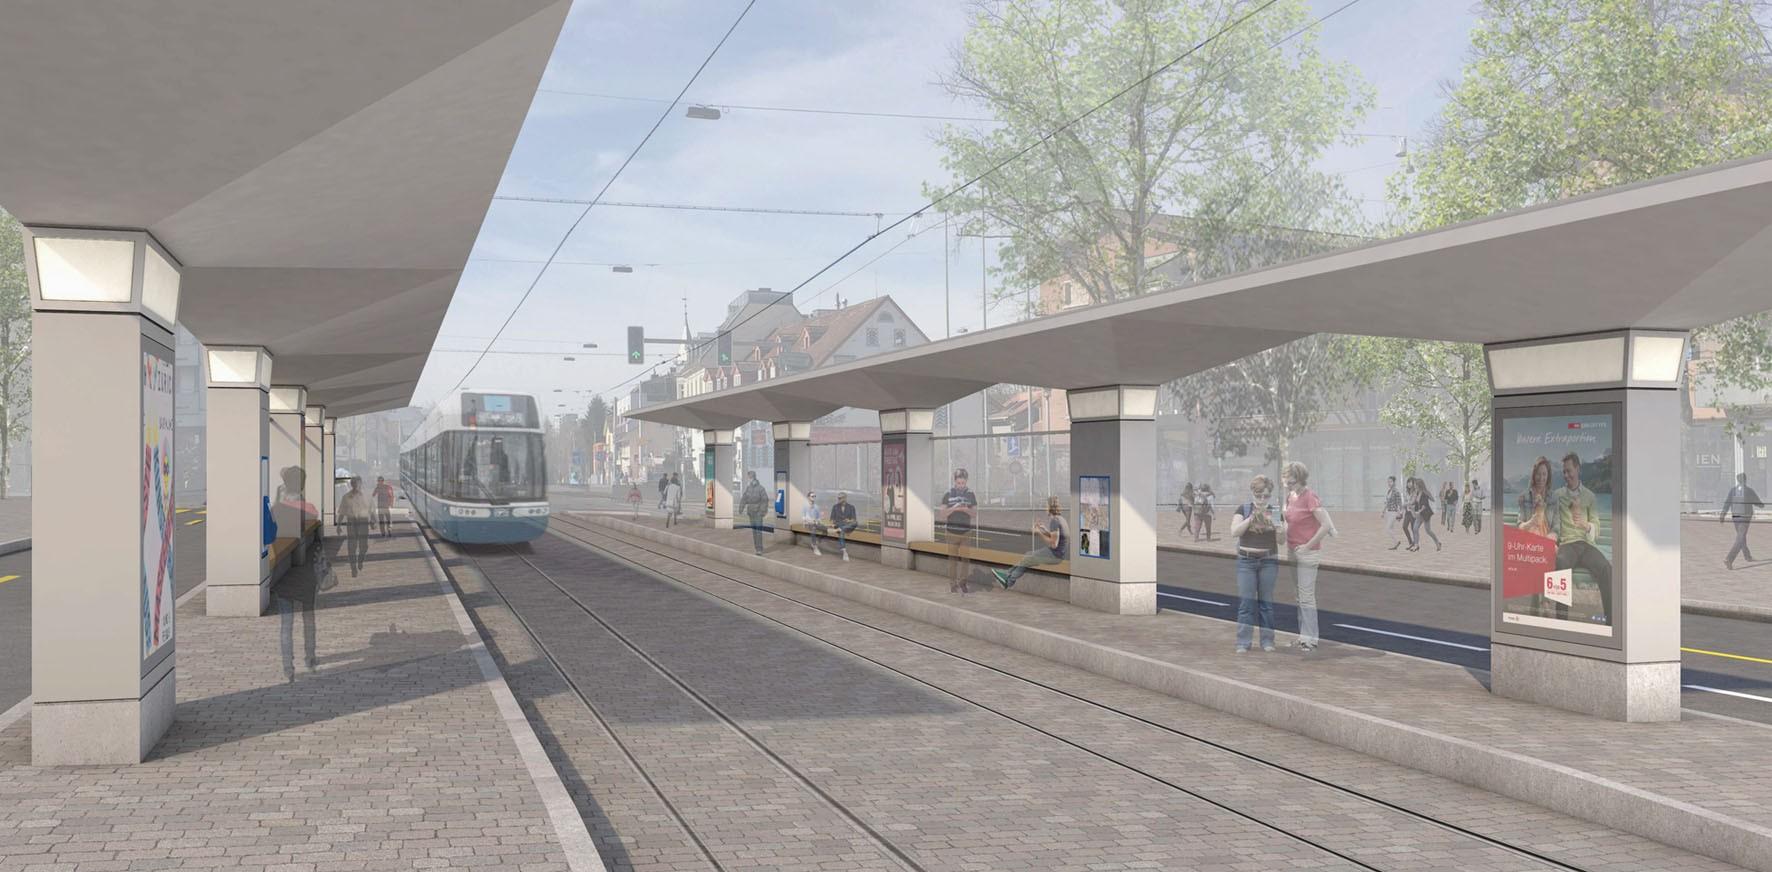 Visualisierung neue Tramhaltestelle Zehntenhausplatz in Zürich-Affoltern